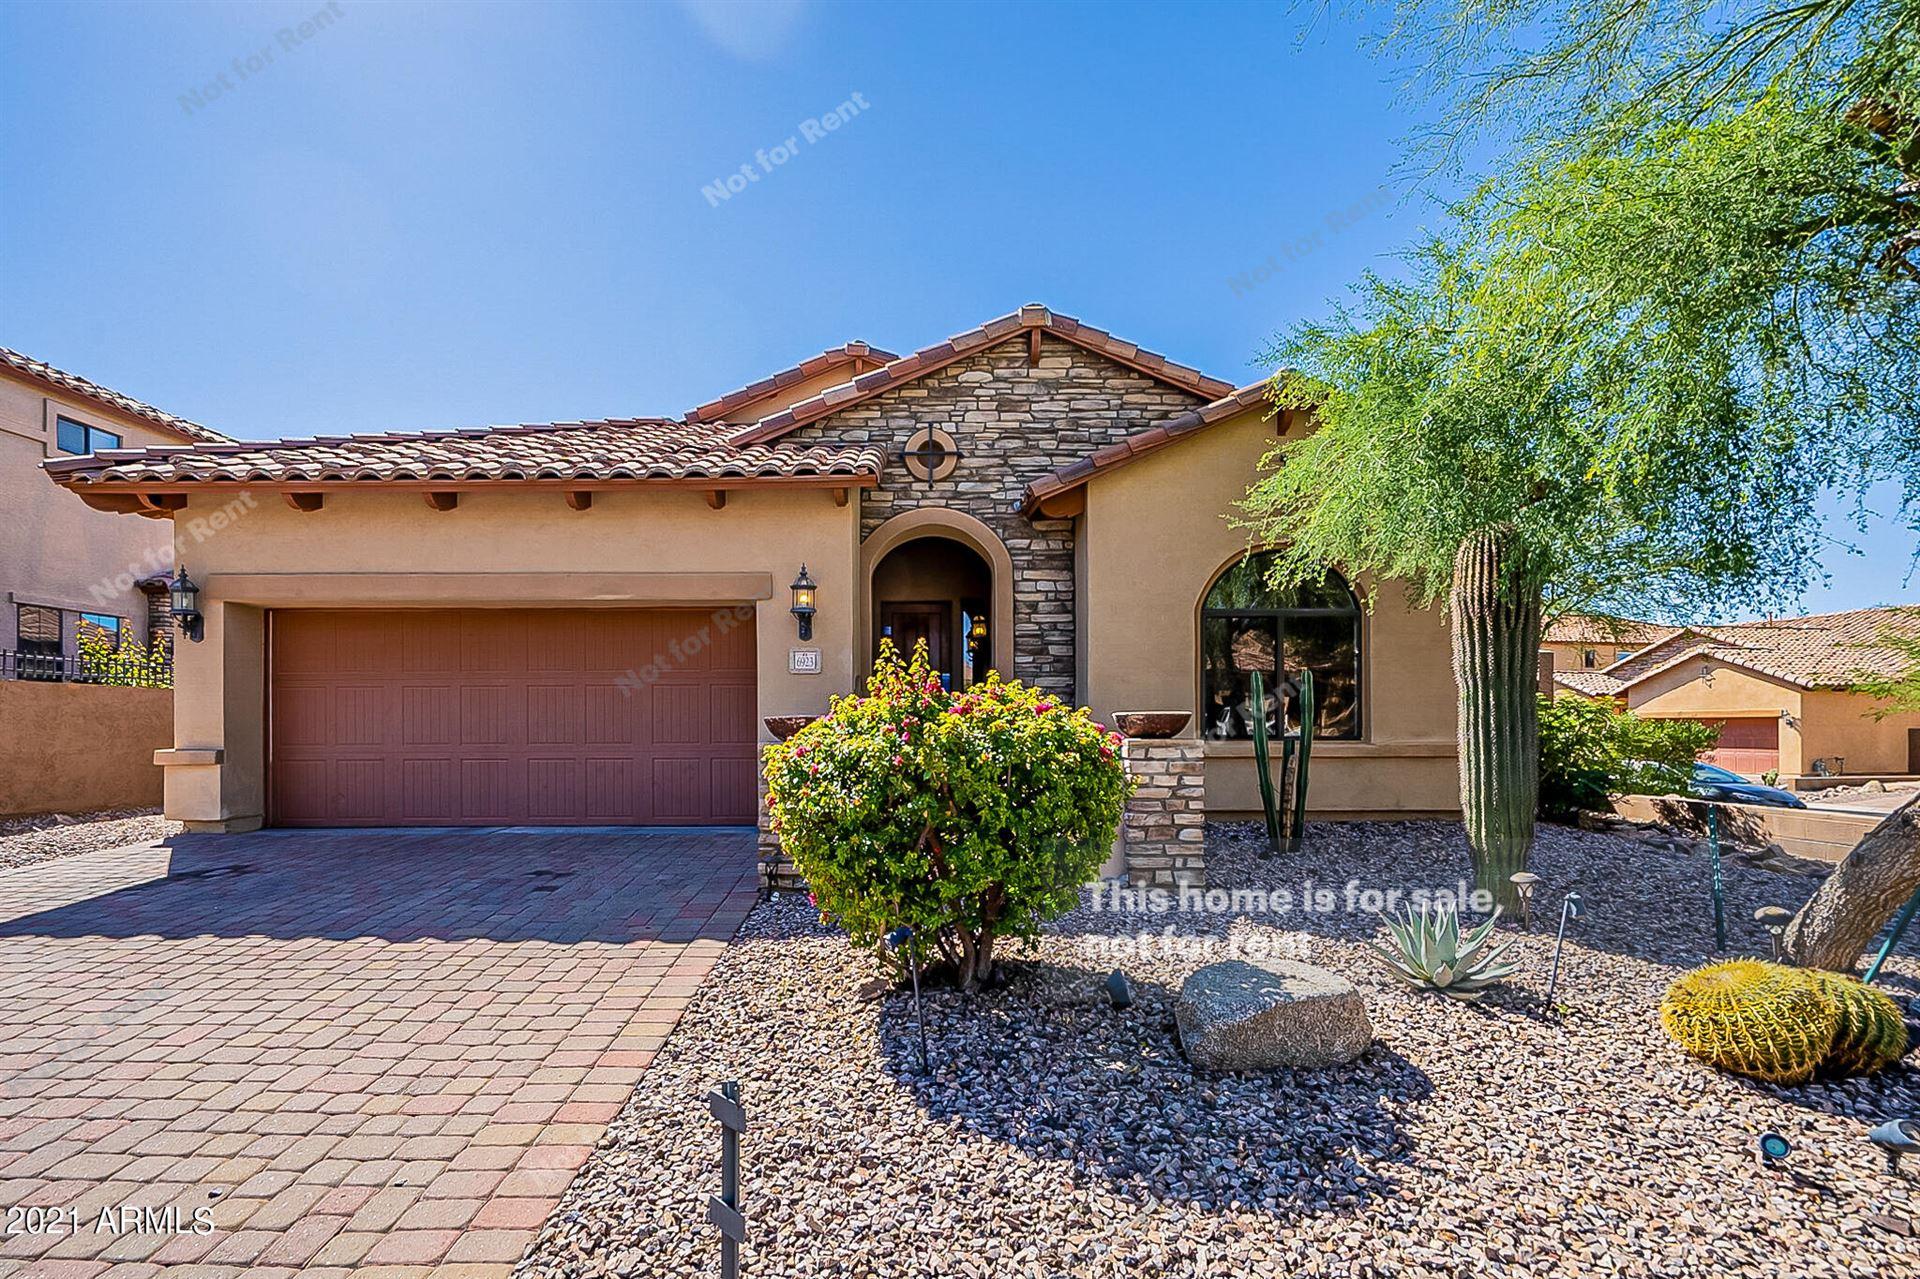 Photo of 6923 E SNOWDON Street, Mesa, AZ 85207 (MLS # 6307784)